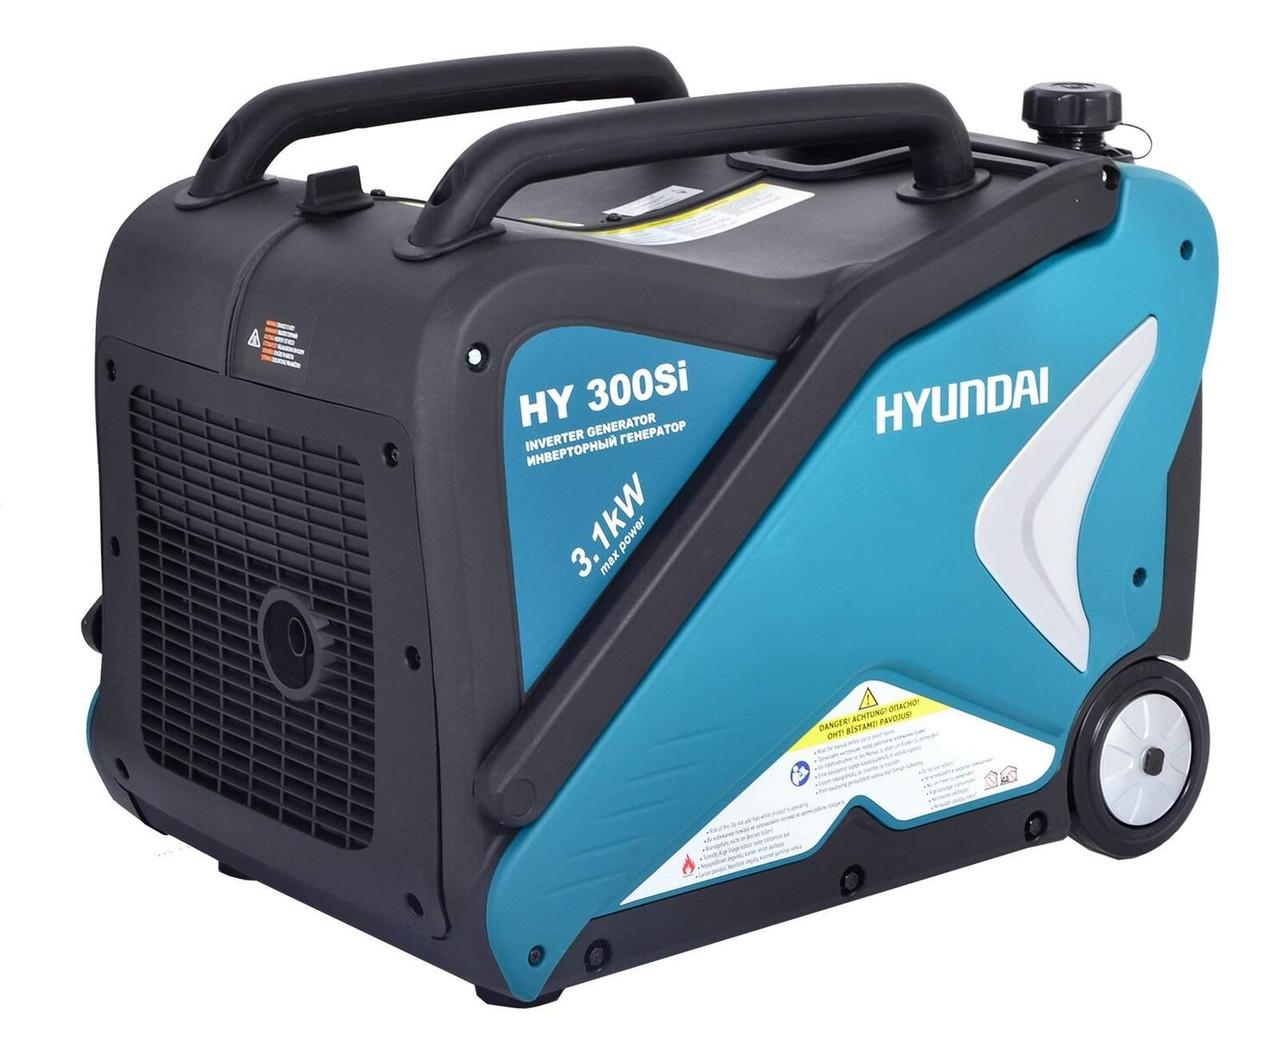 Генератор инверторный Hyundai HY300Si  | БЕСПЛАТНАЯ ДОСТАВКА! (7 л.с, 4-тактный)